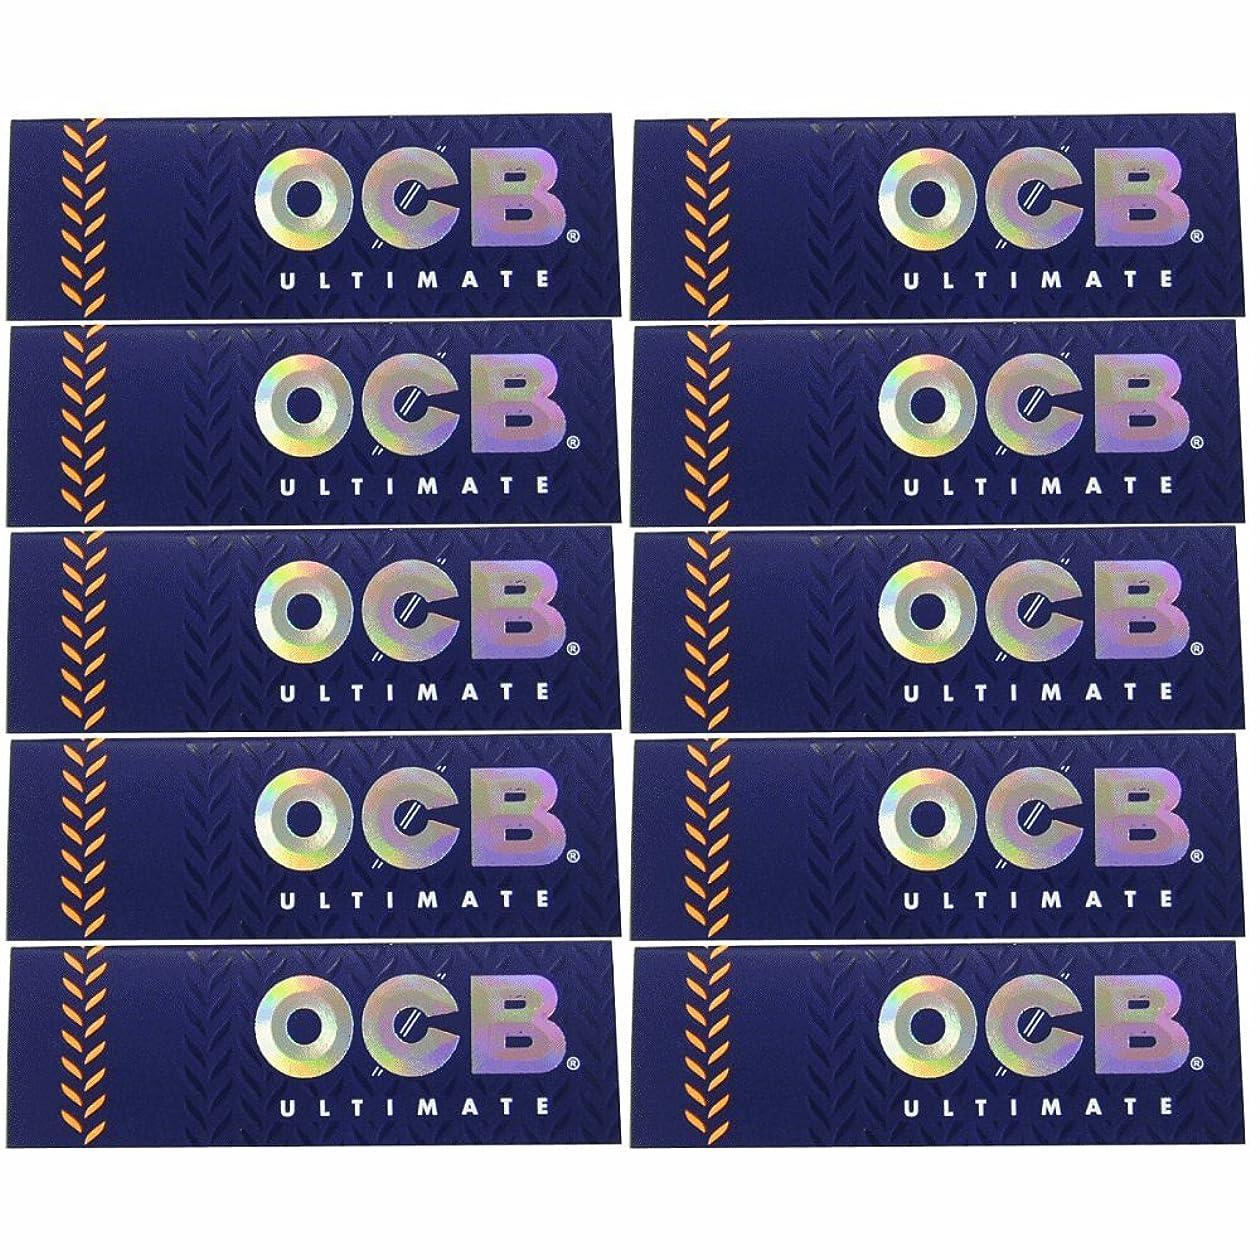 アラート臭い会話ocb オーシービー アルティメイトシングル 手巻き用シングルペーパー 5.10.20個セット